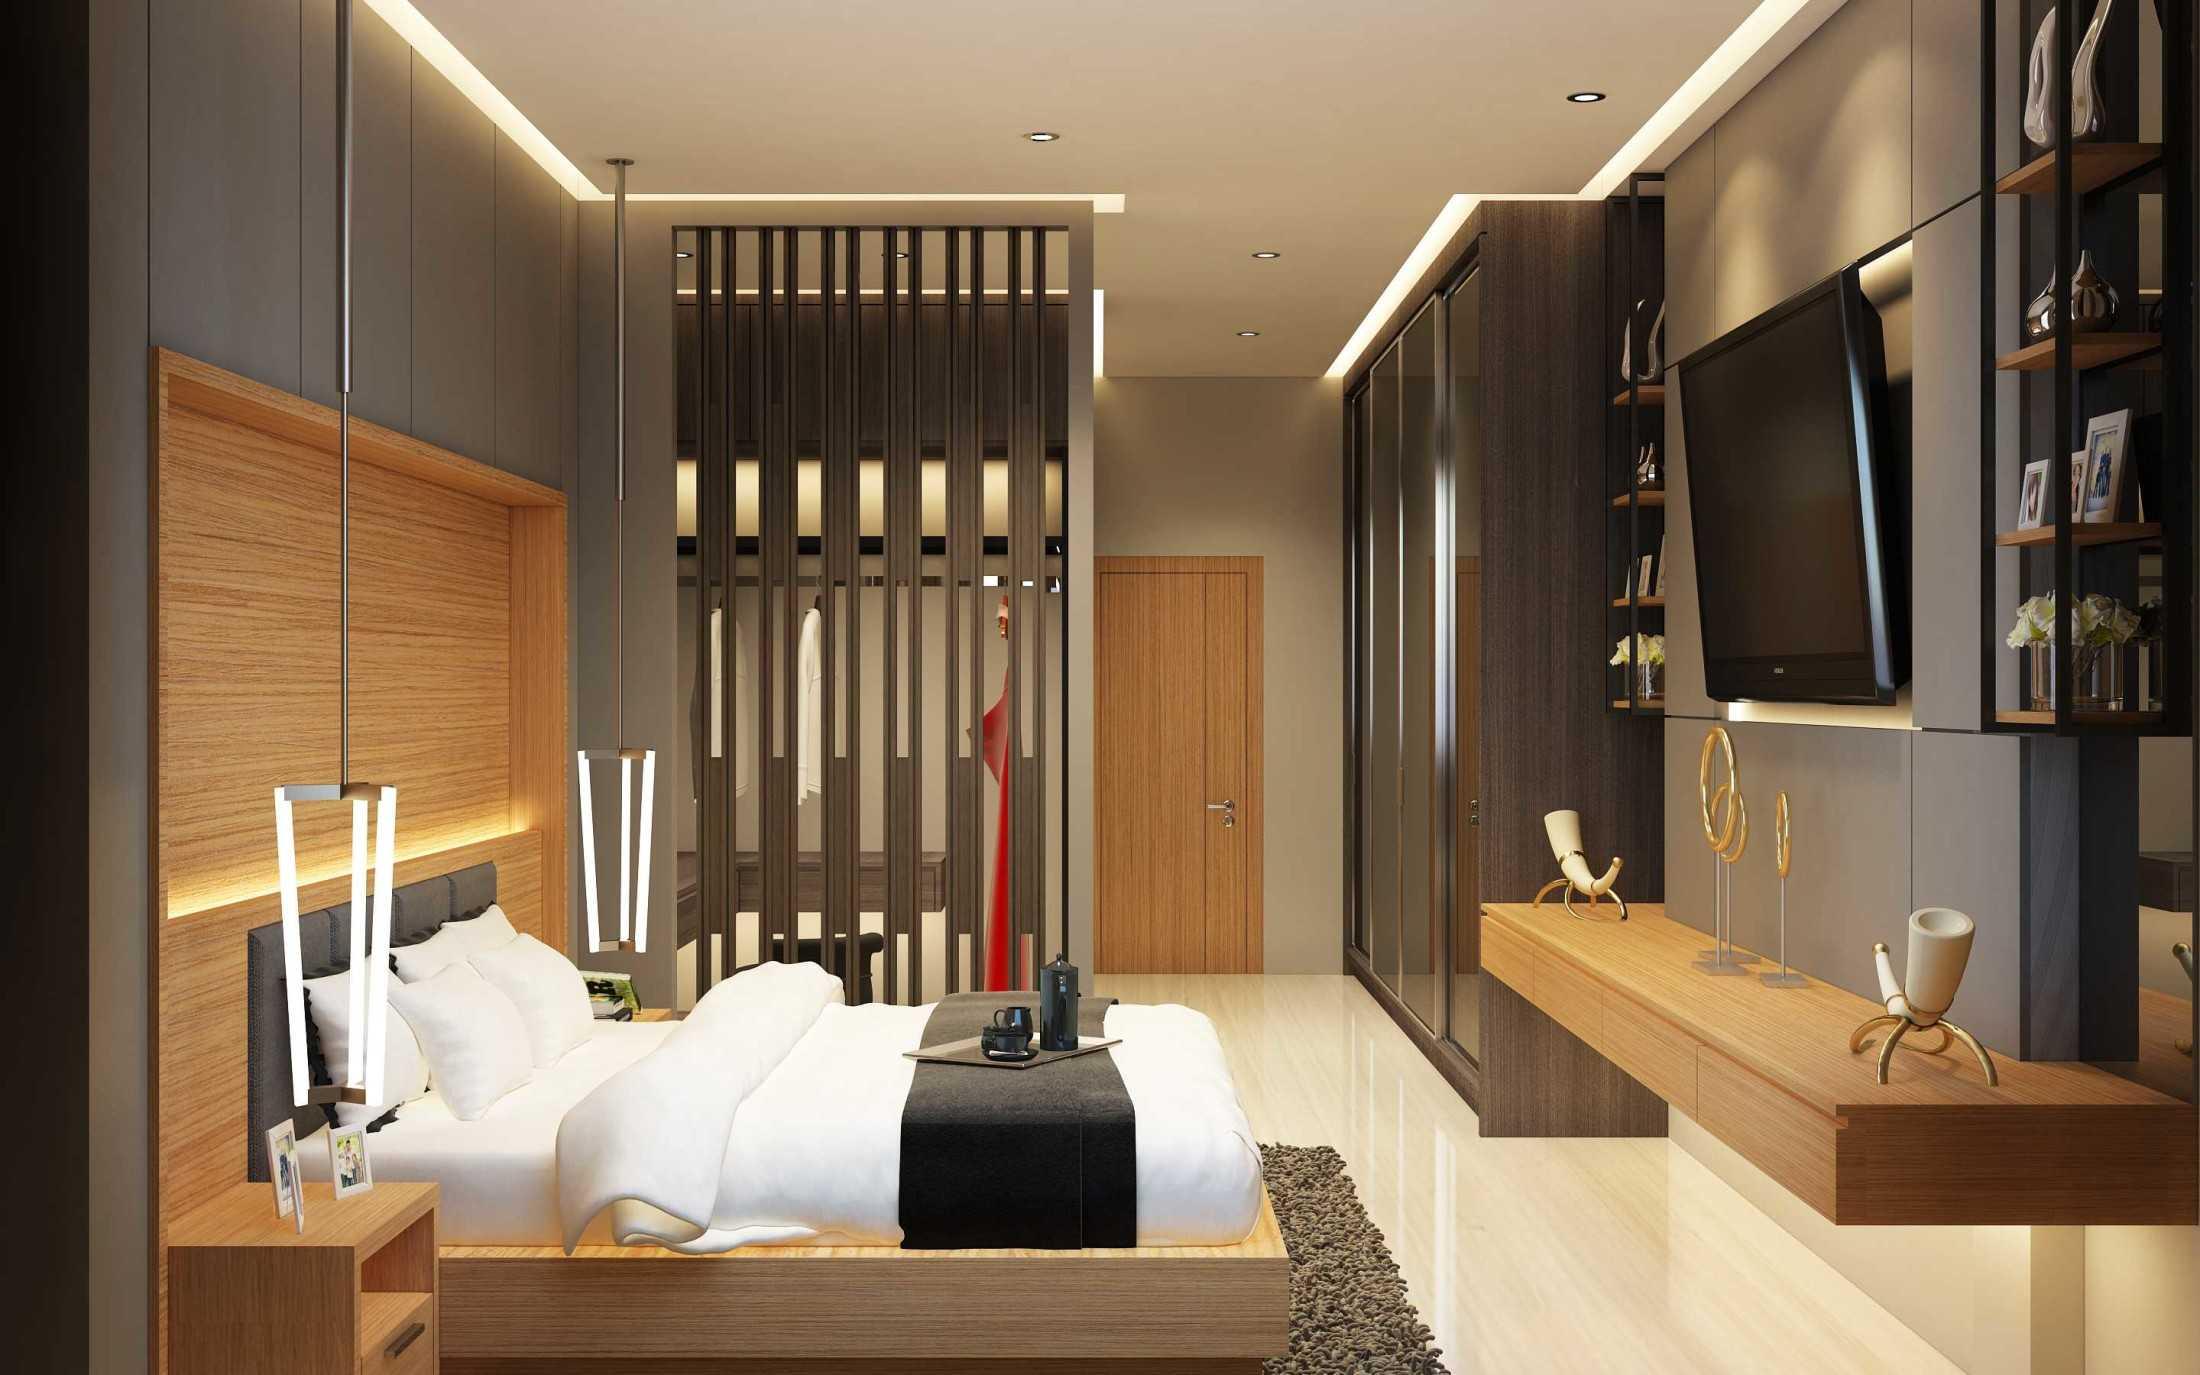 Simplifica Interior Mi House Medan, Kota Medan, Sumatera Utara, Indonesia Medan, Kota Medan, Sumatera Utara, Indonesia Simplifica-Interior-Mr-Ivan-House  62979